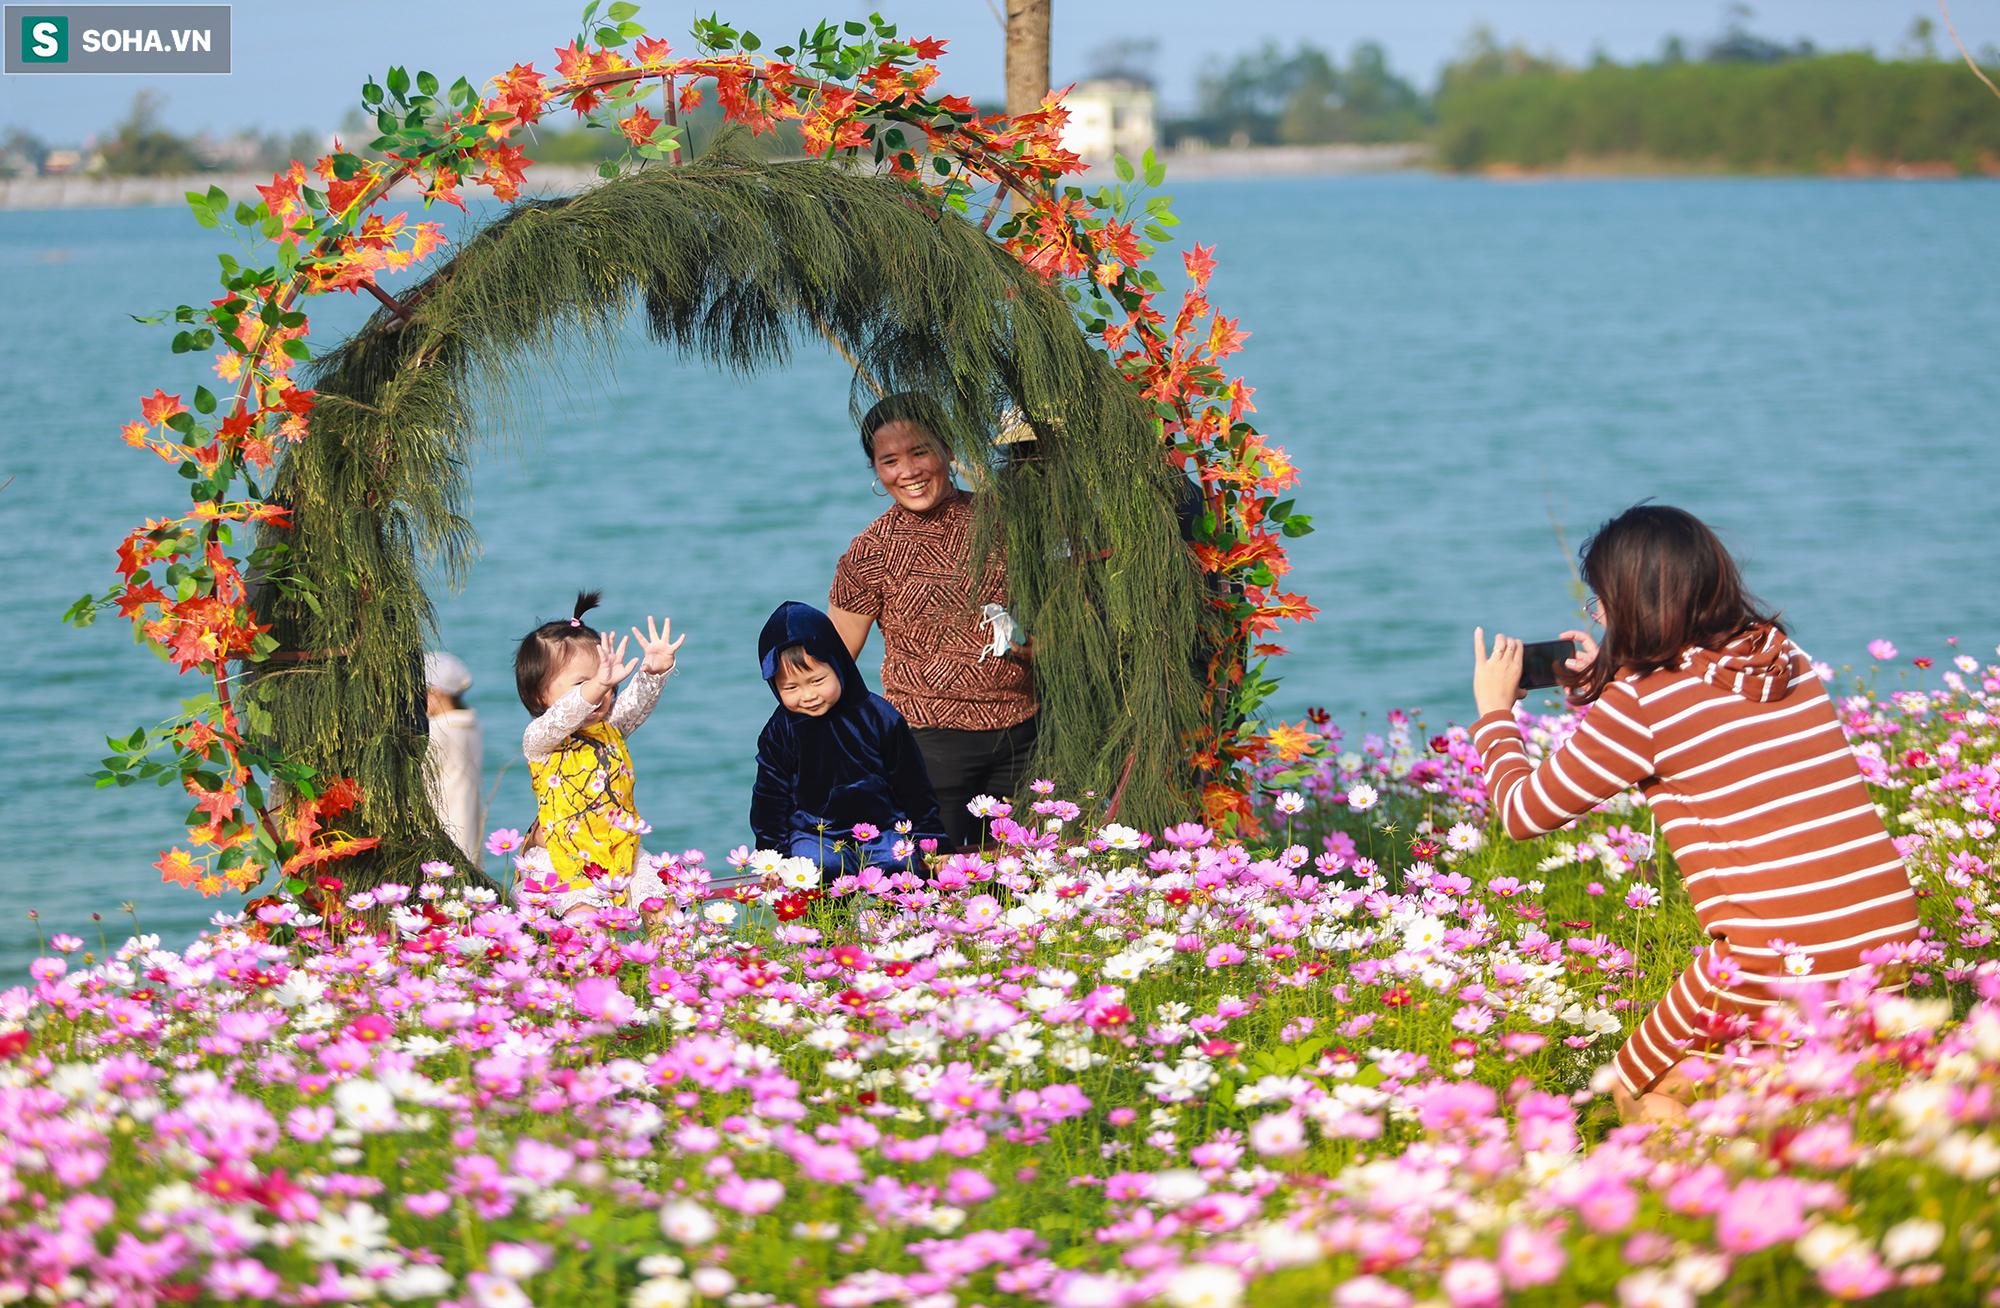 Mê mẩn cánh đồng hoa sao nhái đầy màu sắc được giới trẻ săn tìm để check-in ở Quảng Bình - Ảnh 13.